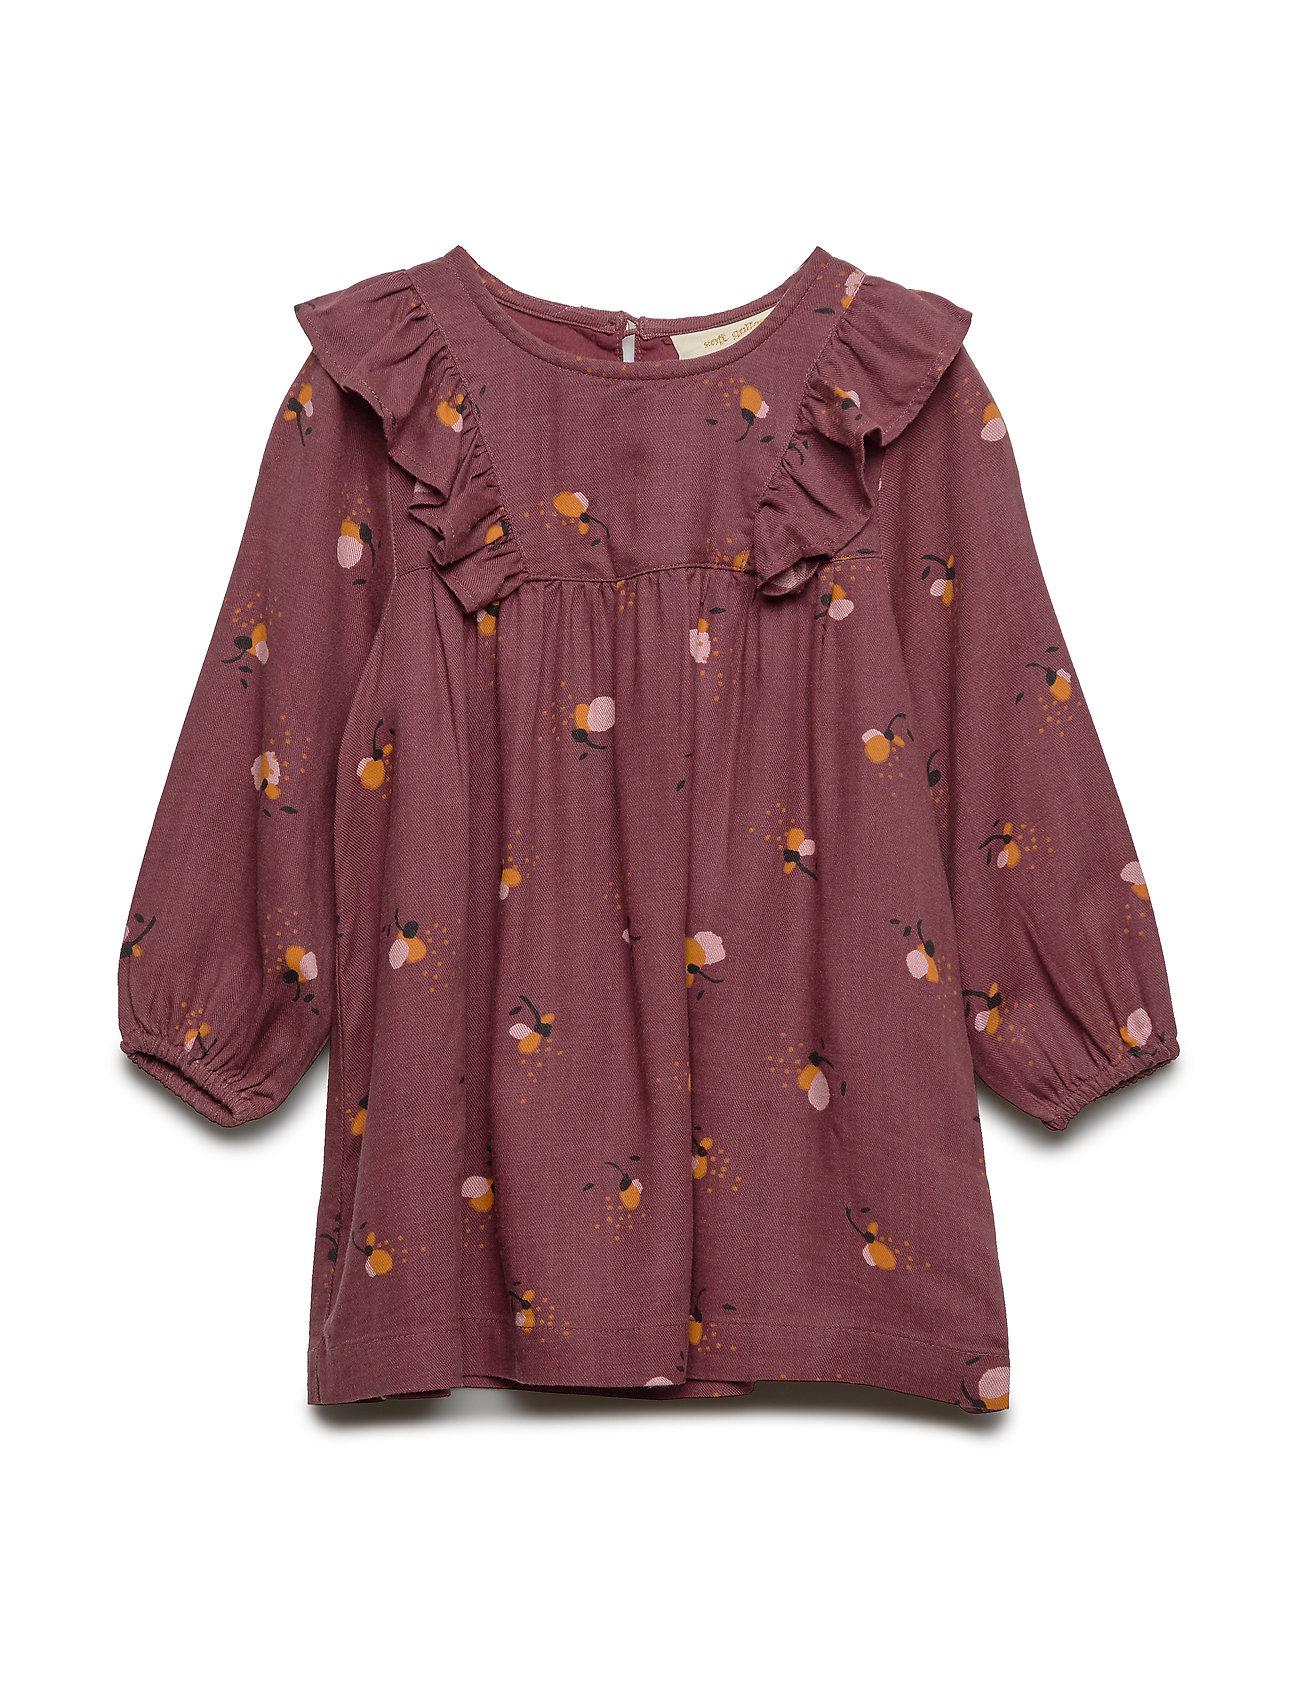 Soft Gallery Eleanor Dress - ROSE BROWN, AOP FLOWERBEE